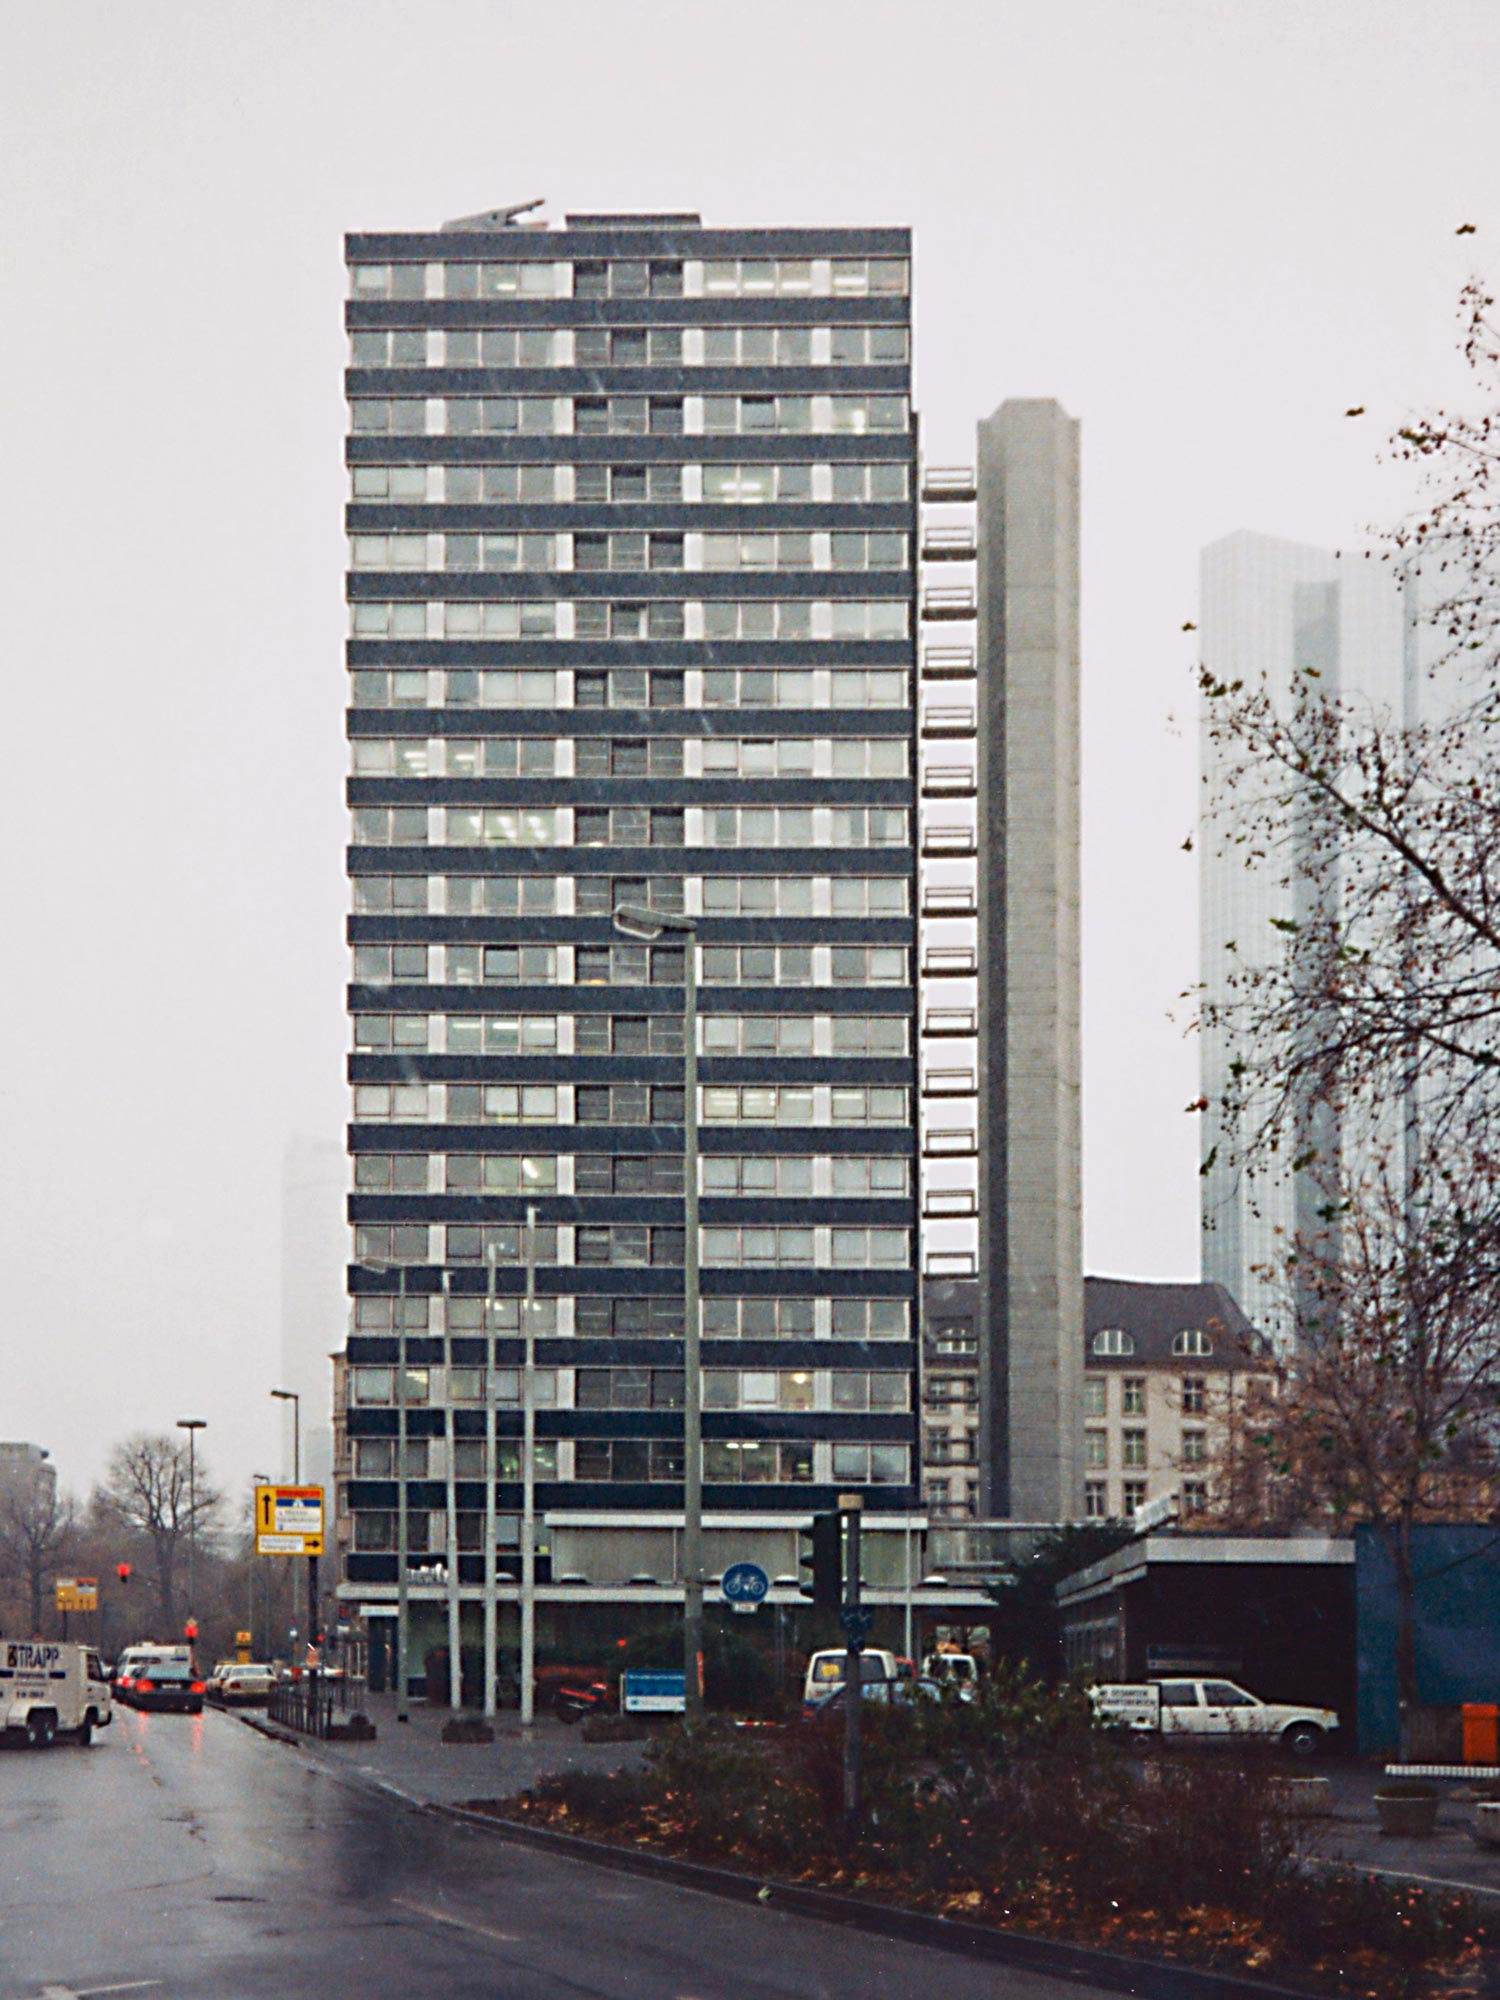 Zürichhaus Frankfurt a/M - Zürich Haus FFM - Hochhaus Zürich-Versicherung